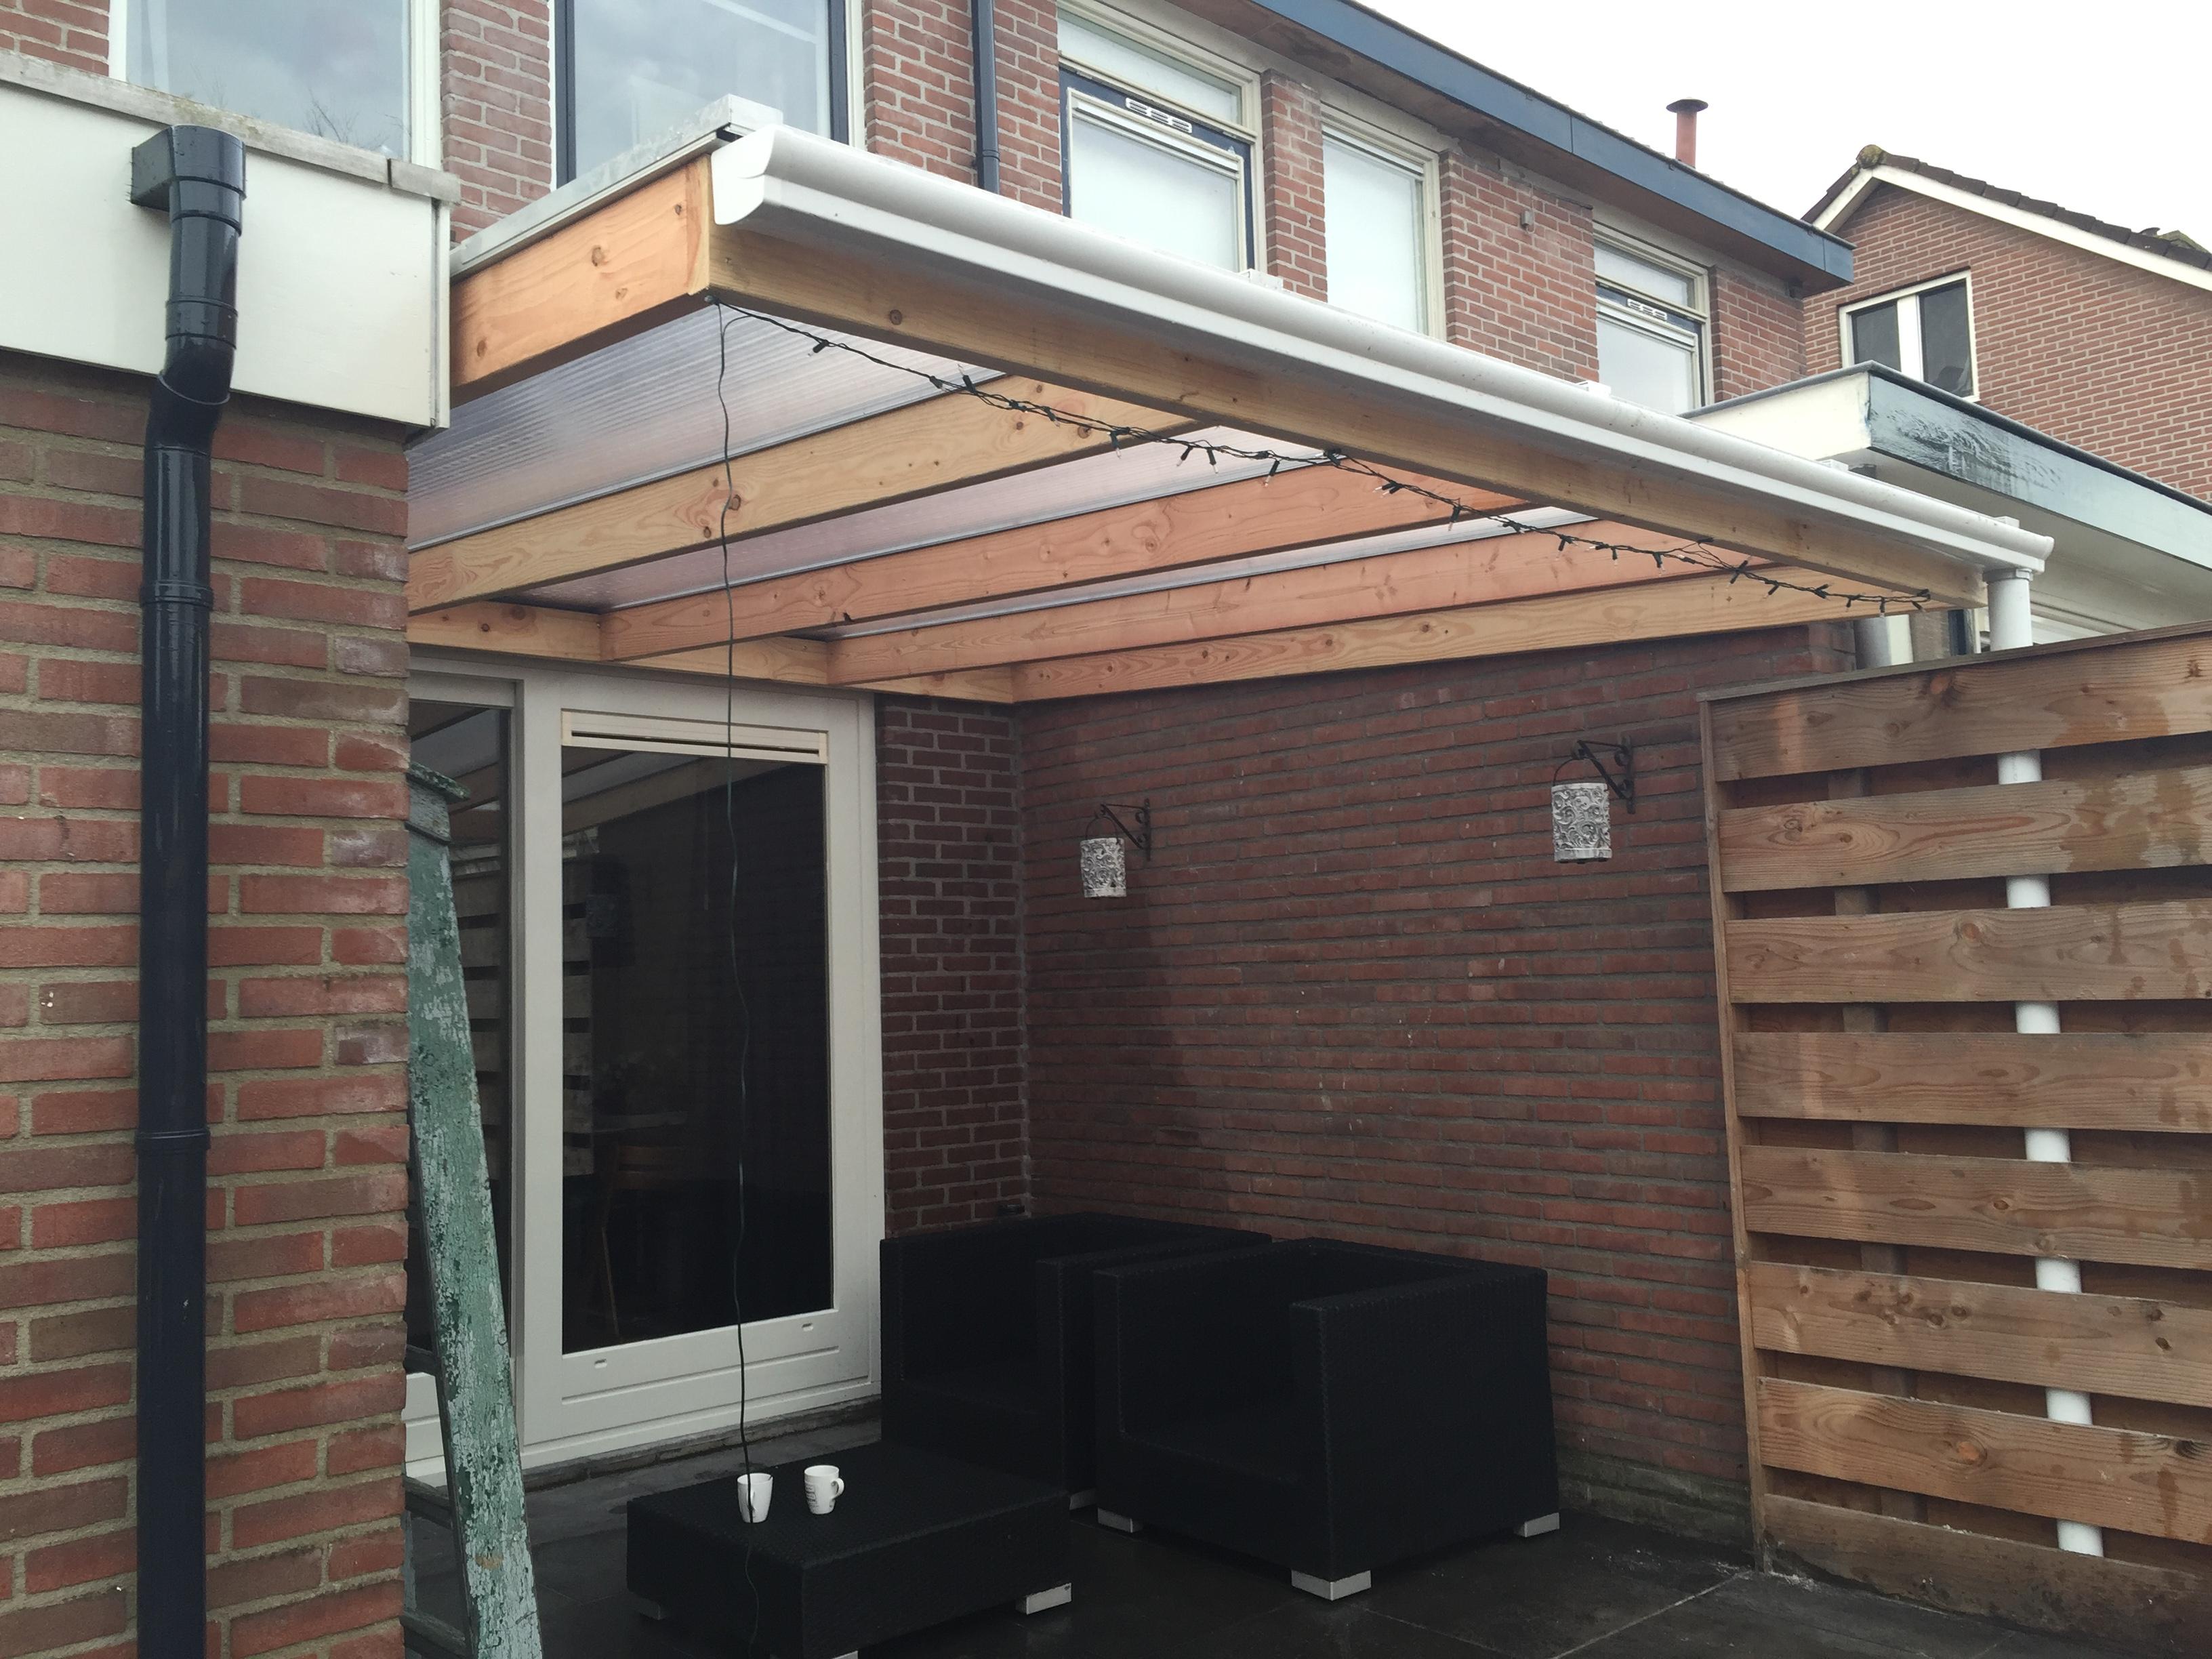 Lariks houten veranda met polycarbonaat dak